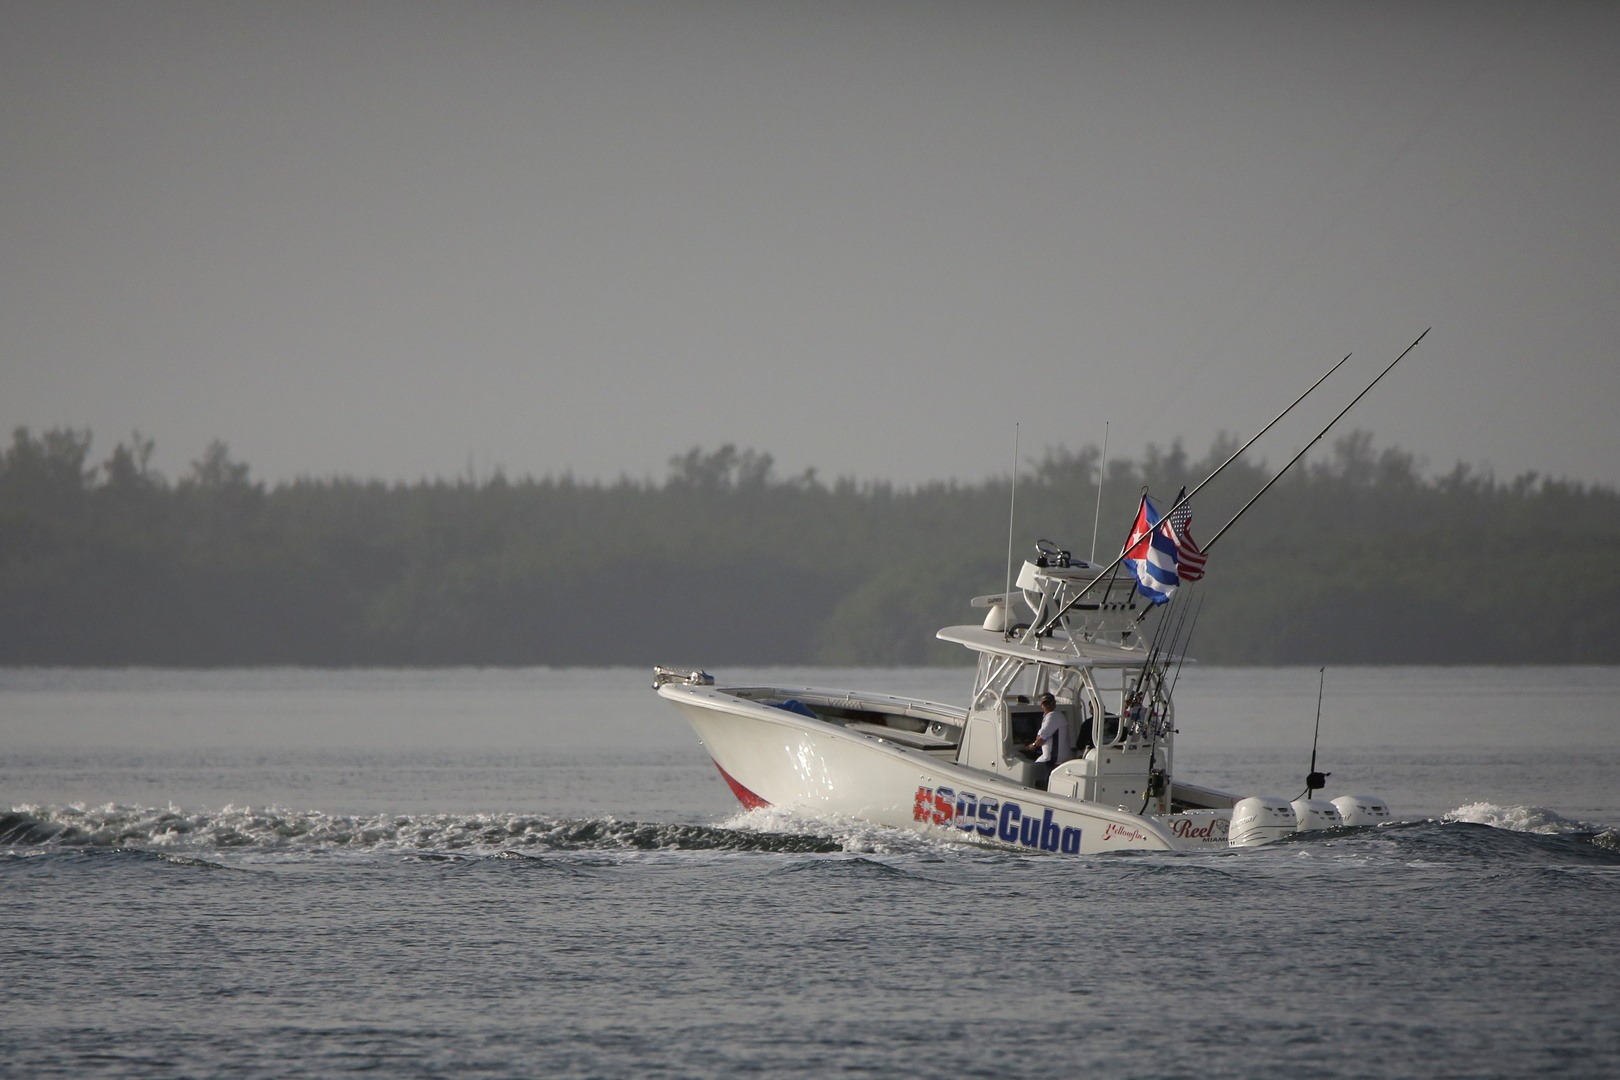 أمريكيون يدعمون الاحتجاجات في كوبا من المياه المحايدة